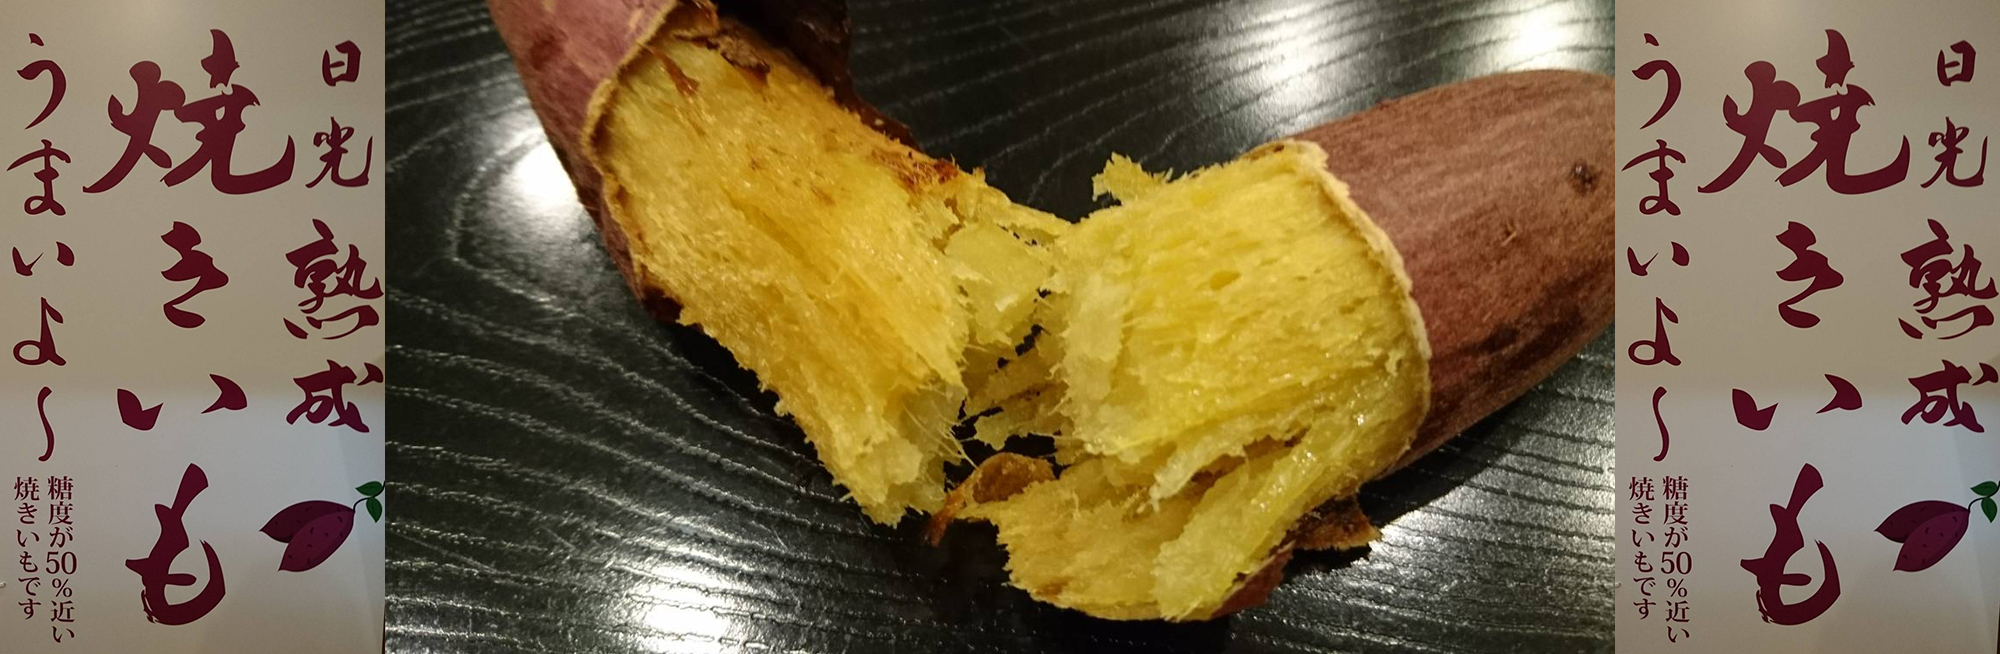 日光熟成焼き芋